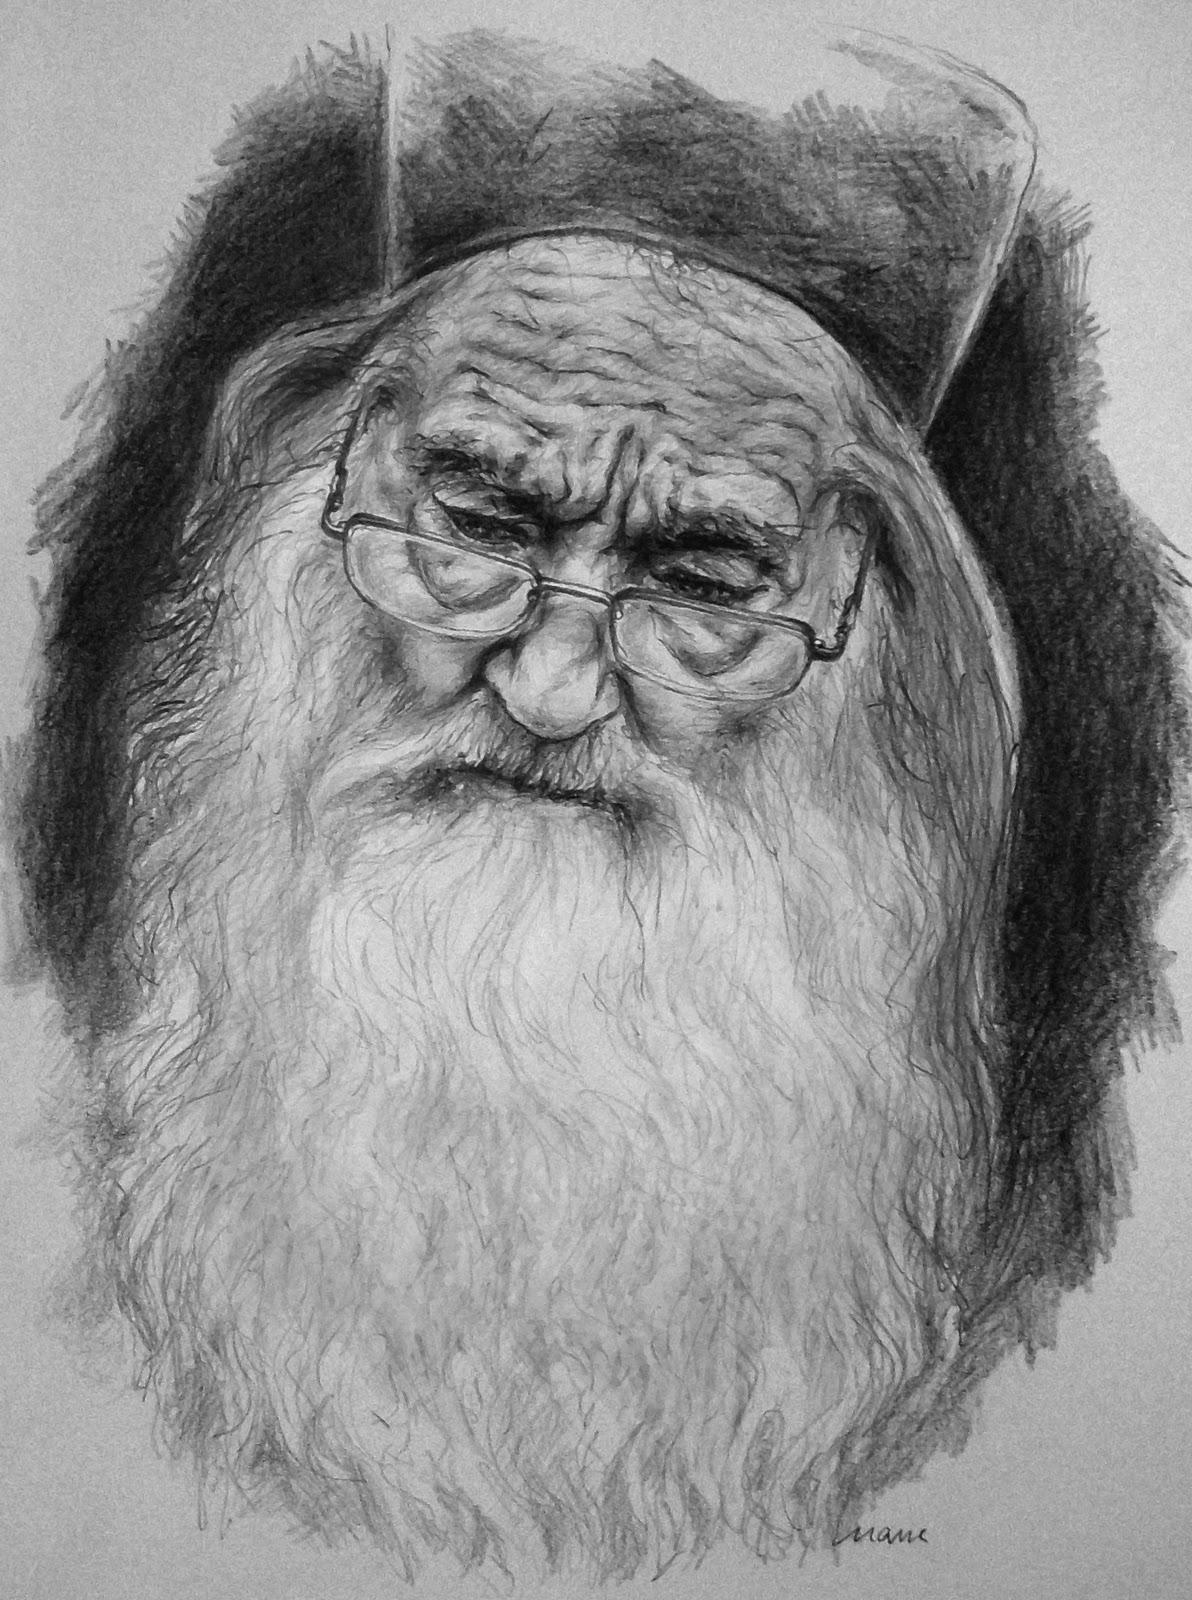 CENTENARUL NASTERII PARINTELUI IUSTIN PARVU, staretul mult-patimitor si marturisitor de la Petru-Voda (video). ARESTAREA, CONDAMNAREA, VIATA IN INCHISOARE si INVATAMINTELE UNUI &#8220;BANDIT&#8221; SFANT. <i>&#8220;A trai ca ortodox e o jertfire de sine de o viata intreaga &#8211; zi de zi, ceas de ceas, minut de minut&#8221;</i>. NICI O ORA DE SUFERINTA NU A FOST ZADARNICA!&#8221;